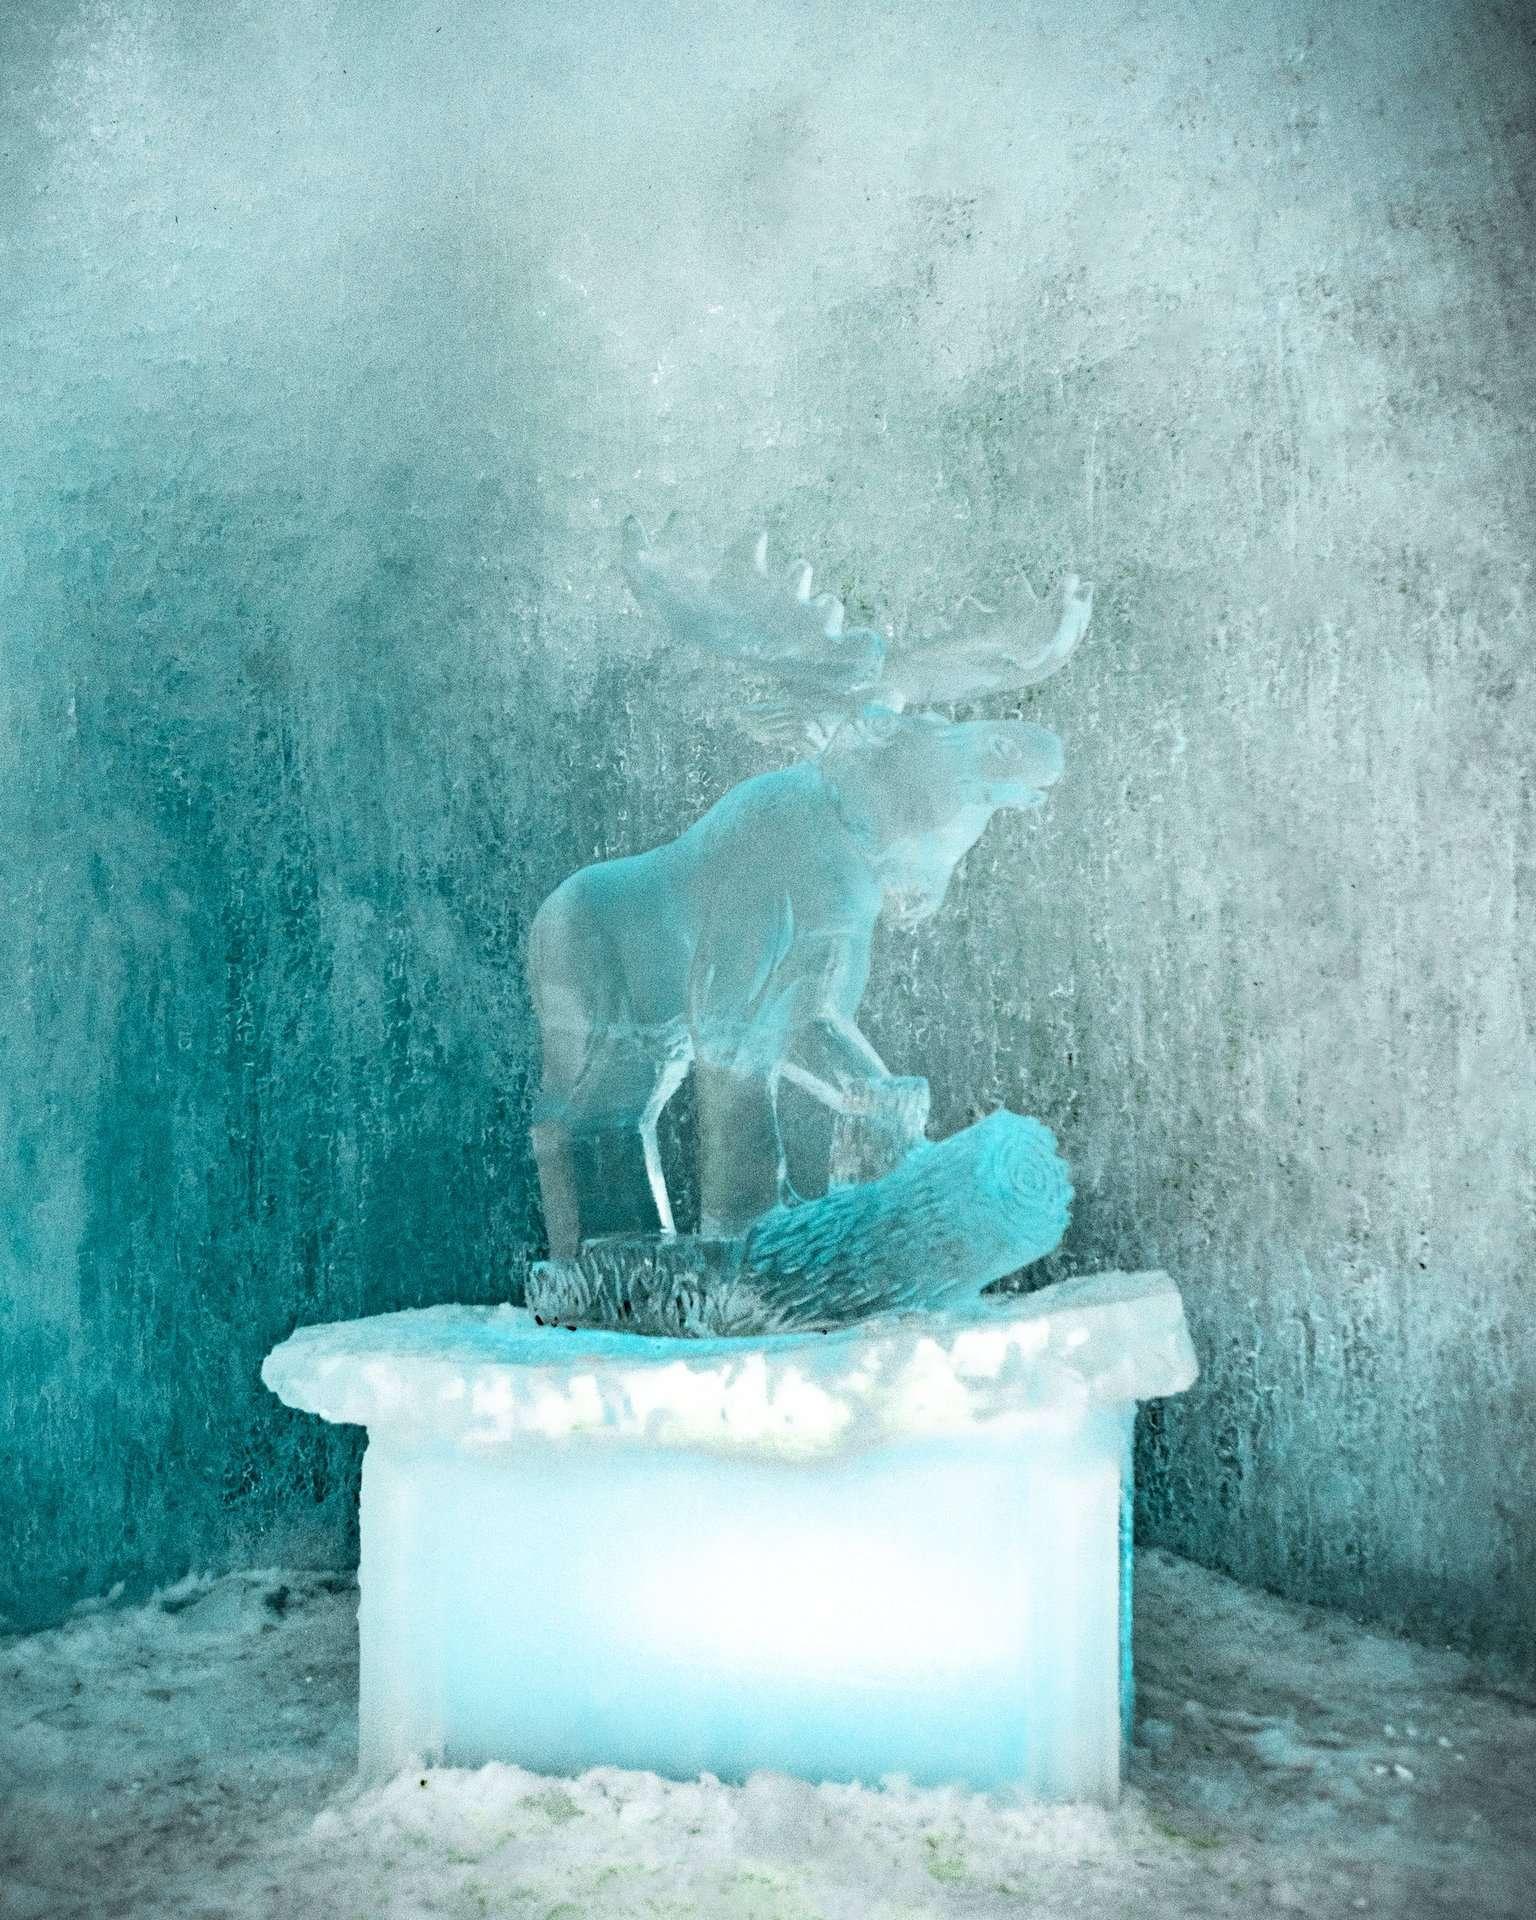 moose ice sculpture